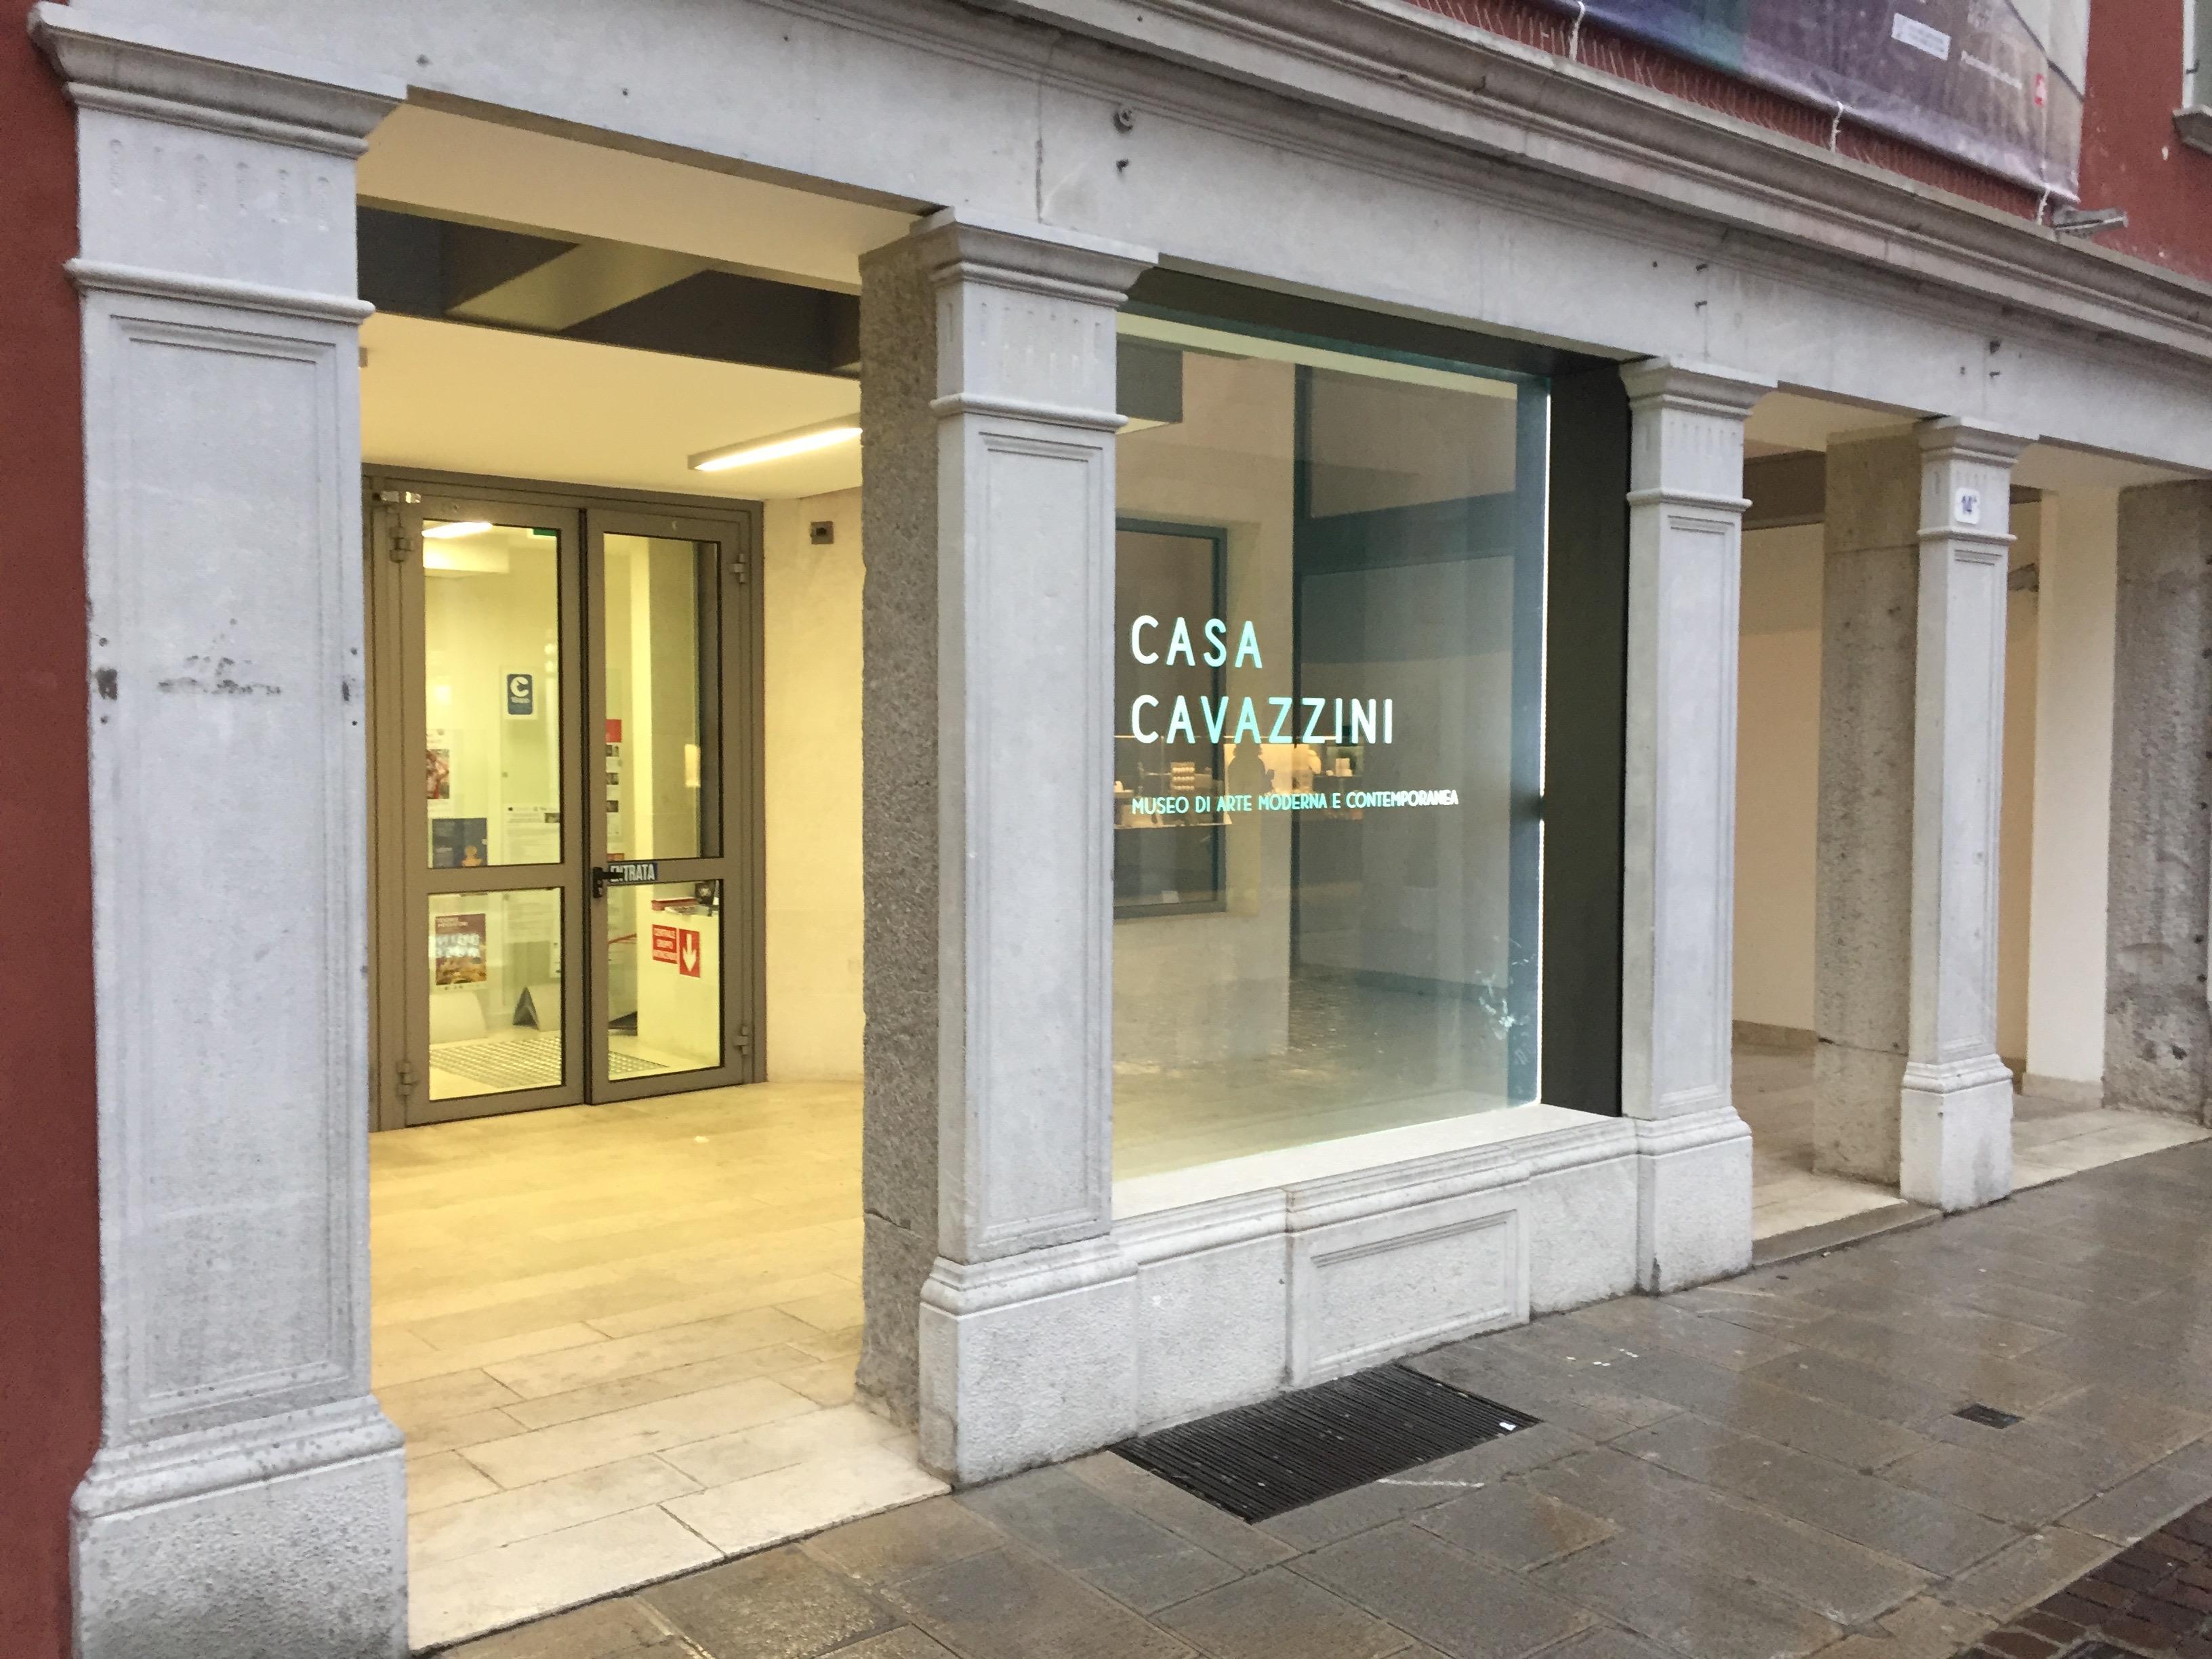 Casa cavazzini museo d 39 arte moderna e contemporanea udine for Casa moderna udine